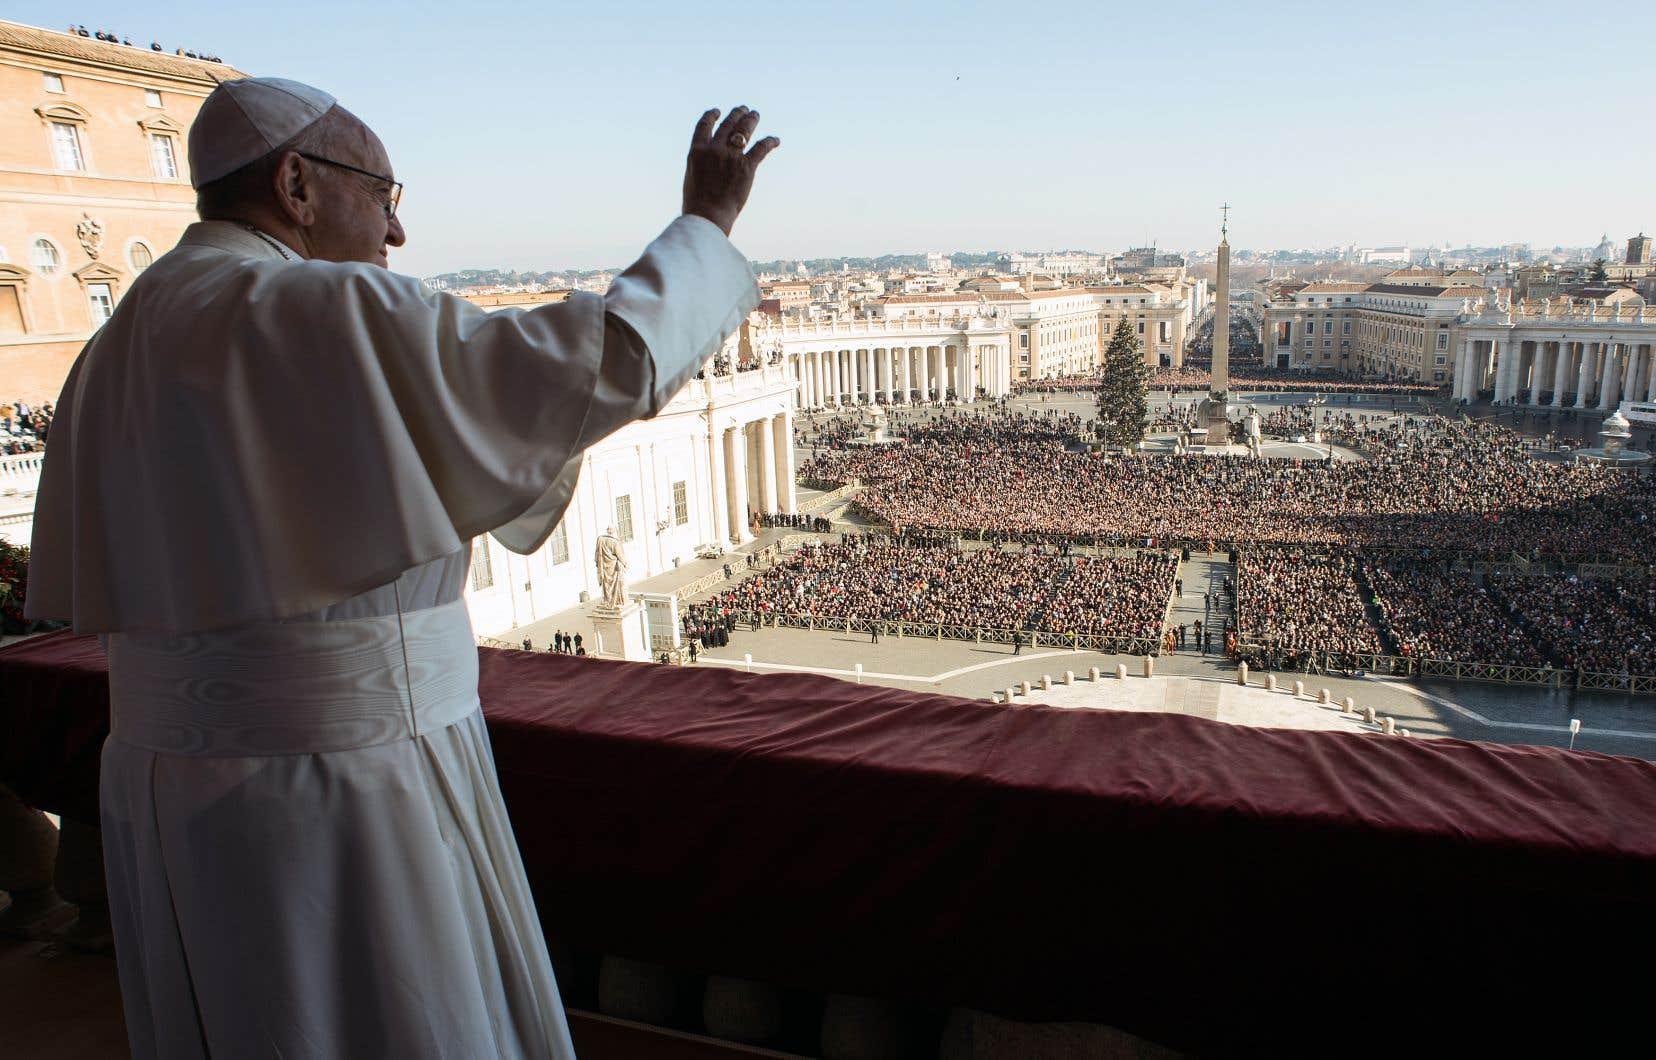 Le souverain pontife a livré dimanche une homélie de Noël tournée vers l'accueil des migrants.